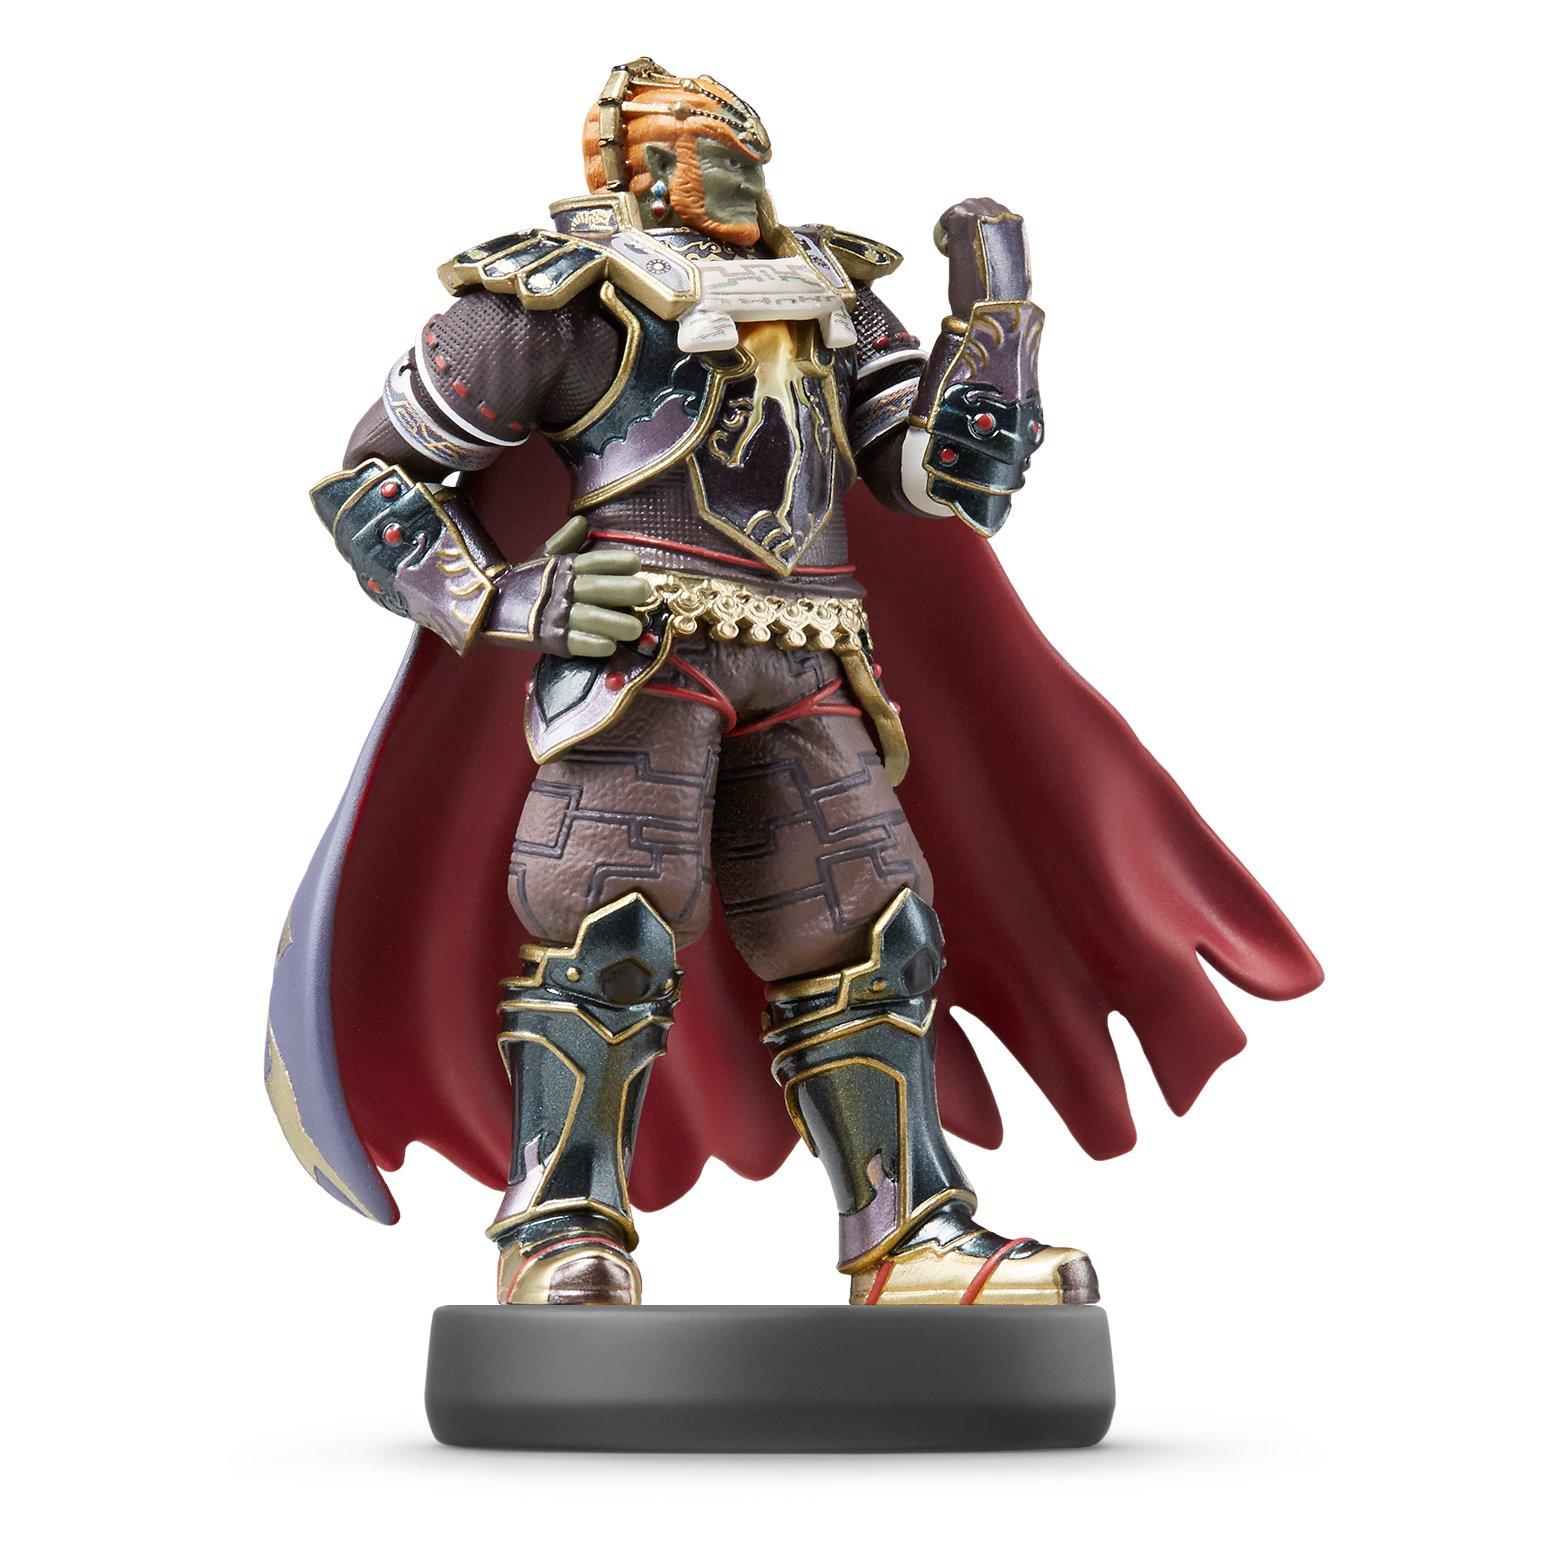 Amiibo Super Smash Bros. Ganondorf Figure for Nintendo Wii U / 3DS